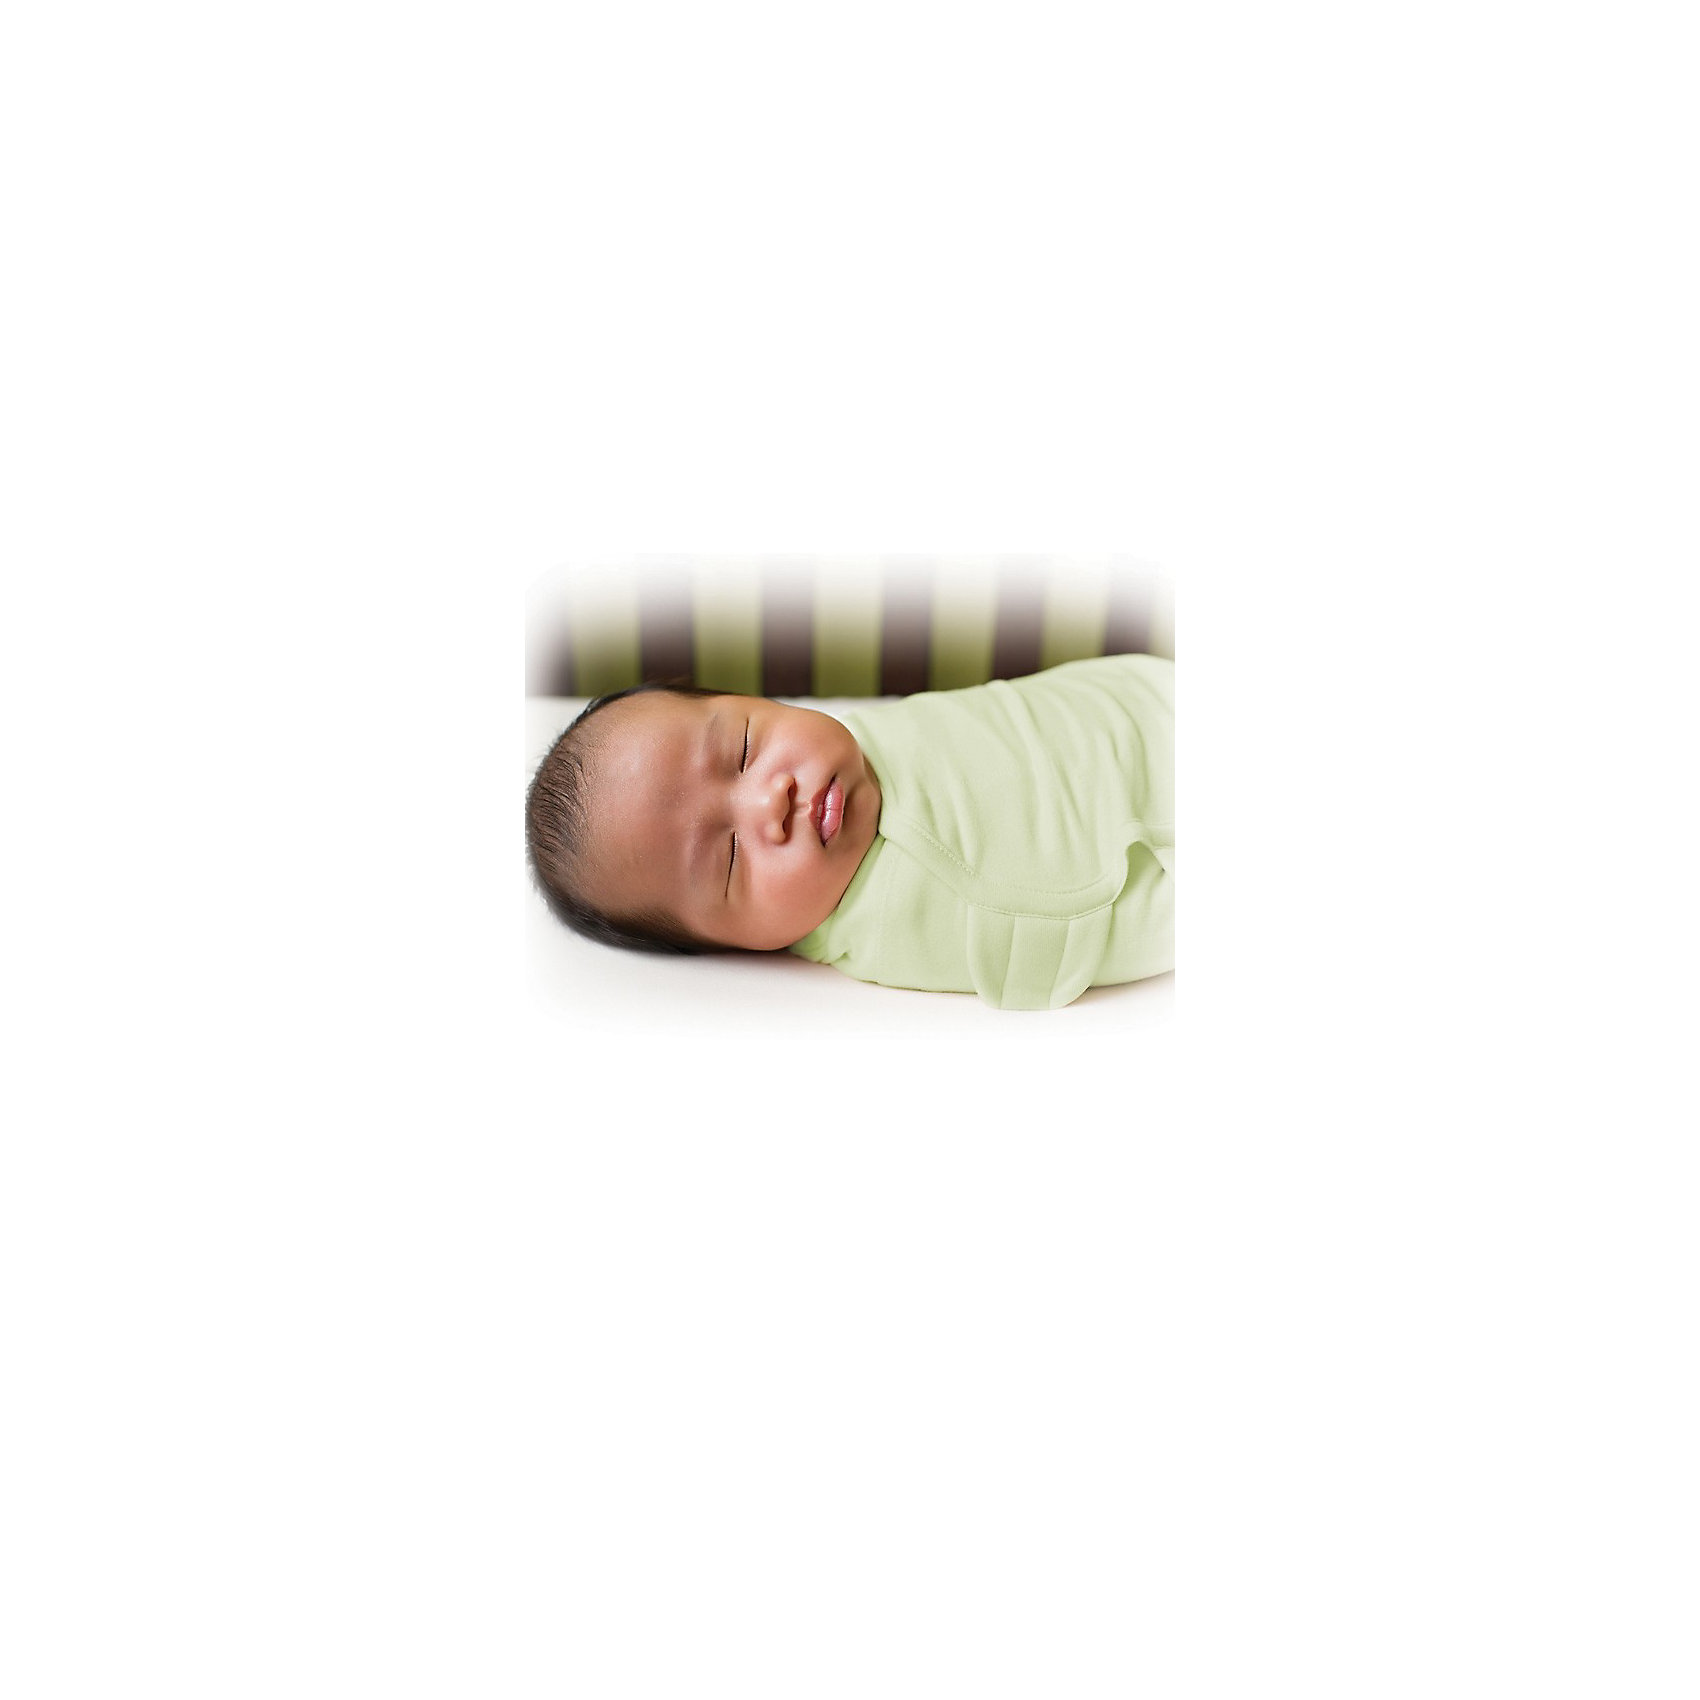 Конверт для пеленания на липучке SWADDLEME, р-р S/M, 3-6 кг., зелёныйОкутайте малыша нежностью, которую дает конверт SwaddleMe. Он сделан из хлопка с оригинальной регулируемой системой крепления на липучке. Пеленание успокаивает новорожденных, путем воссоздания знакомых ему чувств, как в утробе мамы.<br>Мягко облегая, конверт не ограничивает движение ребенка, и в тоже время помогает снизить рефлекс внезапного вздрагивания, благодаря этому сон малыша и родителей будет более крепким.<br>Регулируемые крылья для закрытия конверта сделаны таким образом, что даже самый активный ребенок не сможет распеленаться во время сна. Конверт можно открыть в области ног малыша для легкой смены подгузников - нет необходимости разворачивать детские ручки.<br><br>Дополнительная информация:<br><br>- Размер: 50 см (размер S/M).<br>- Материал: хлопок и нити эластана.<br>- Подходит для малышей среднего размера от 3 до 6 кг.<br>- Цвет: зеленый.<br><br>Конверт для пеленания на липучке SWADDLEME, р-р S/M, 3-6 кг., зеленый можно купить в нашем магазине.<br><br>Ширина мм: 30<br>Глубина мм: 150<br>Высота мм: 235<br>Вес г: 160<br>Возраст от месяцев: 0<br>Возраст до месяцев: 3<br>Пол: Унисекс<br>Возраст: Детский<br>SKU: 3950369